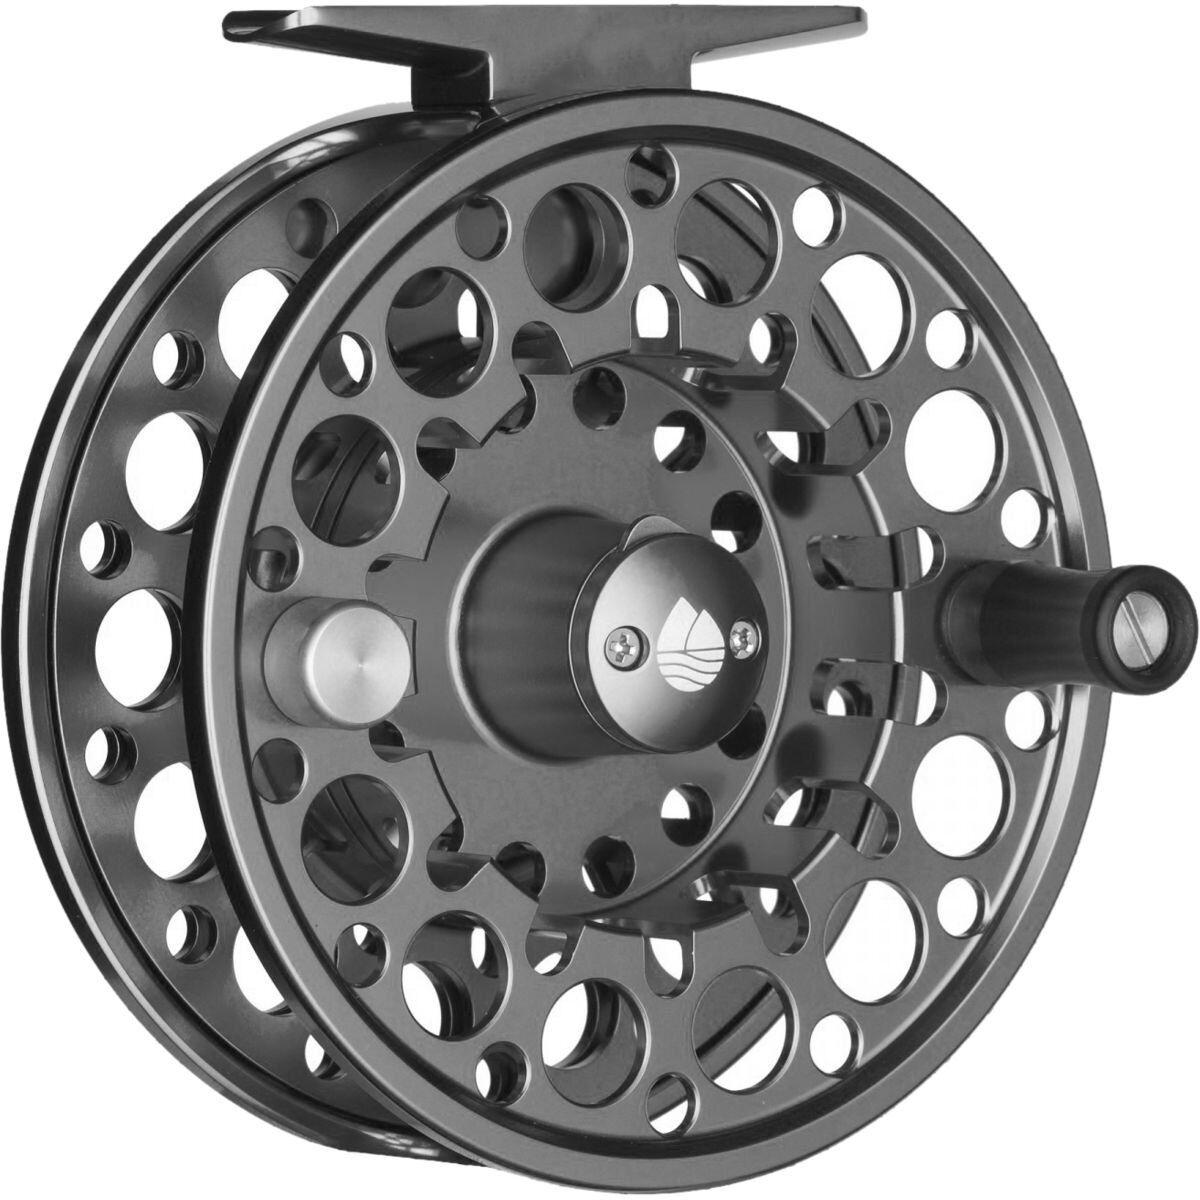 Nuevo rojoington subida III 9 10 Peso Cocherete de Pesca con Mosca + Envío Gratis en EE. UU.